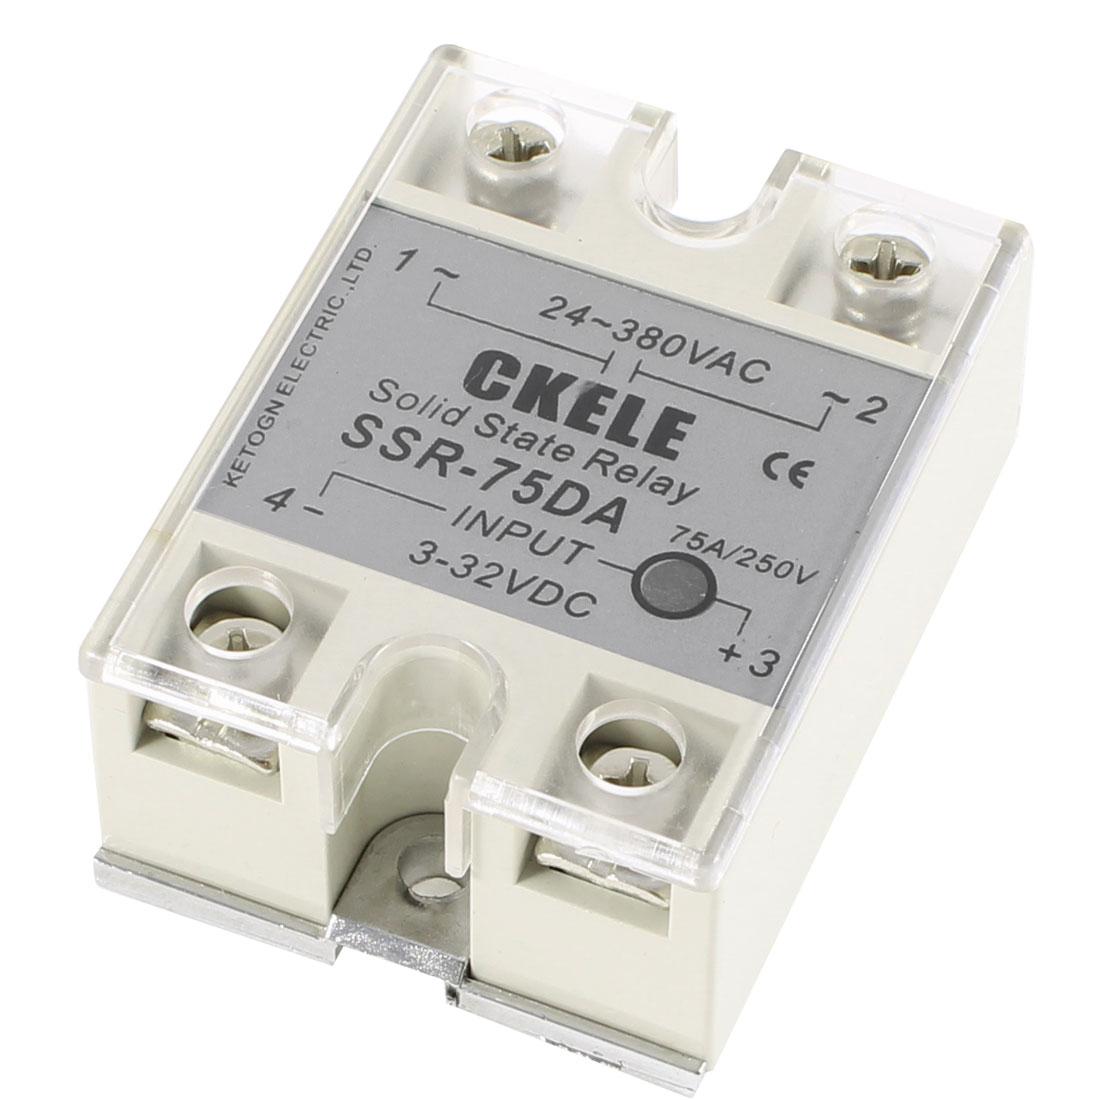 SSR-75DA 3-32V DC Input 24-380V AC Output 75A Solid State Relay